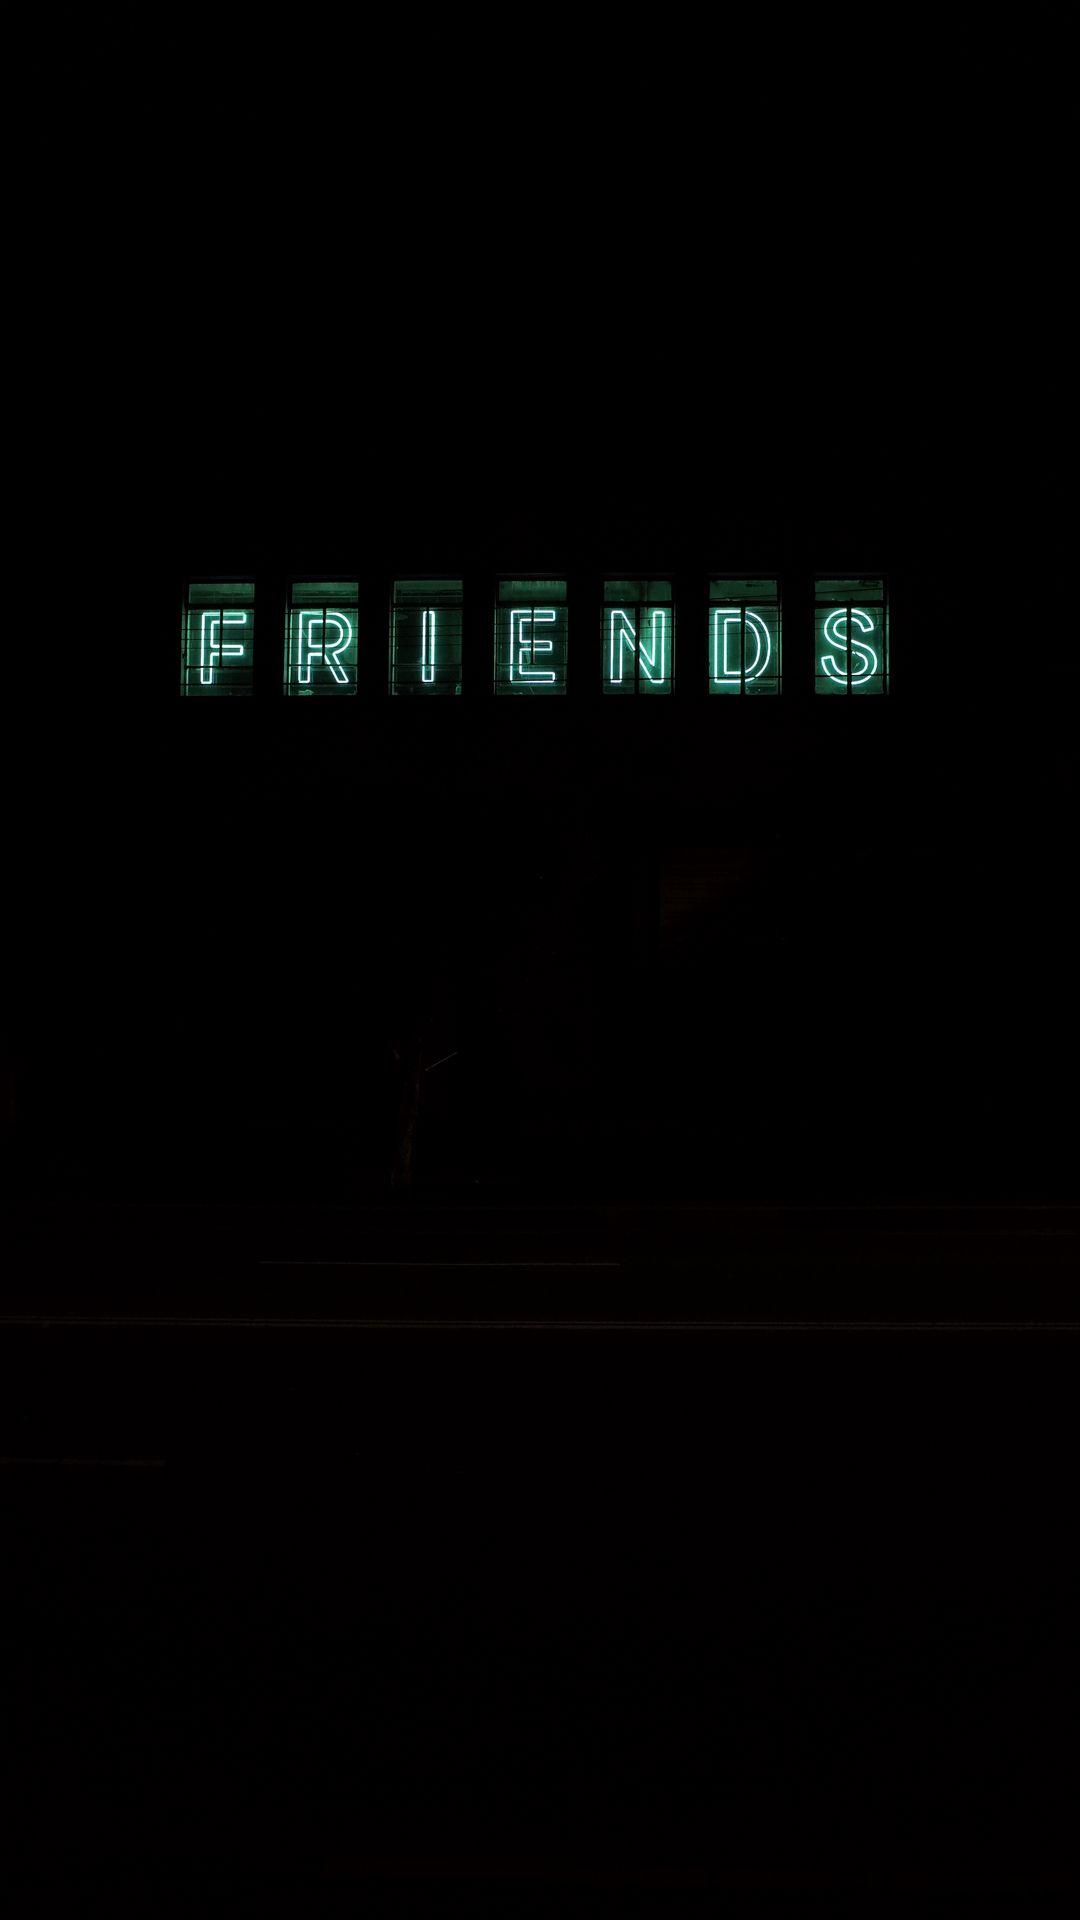 1080x1920 Wallpaper friends, inscription, neon, backlight, dark, letters